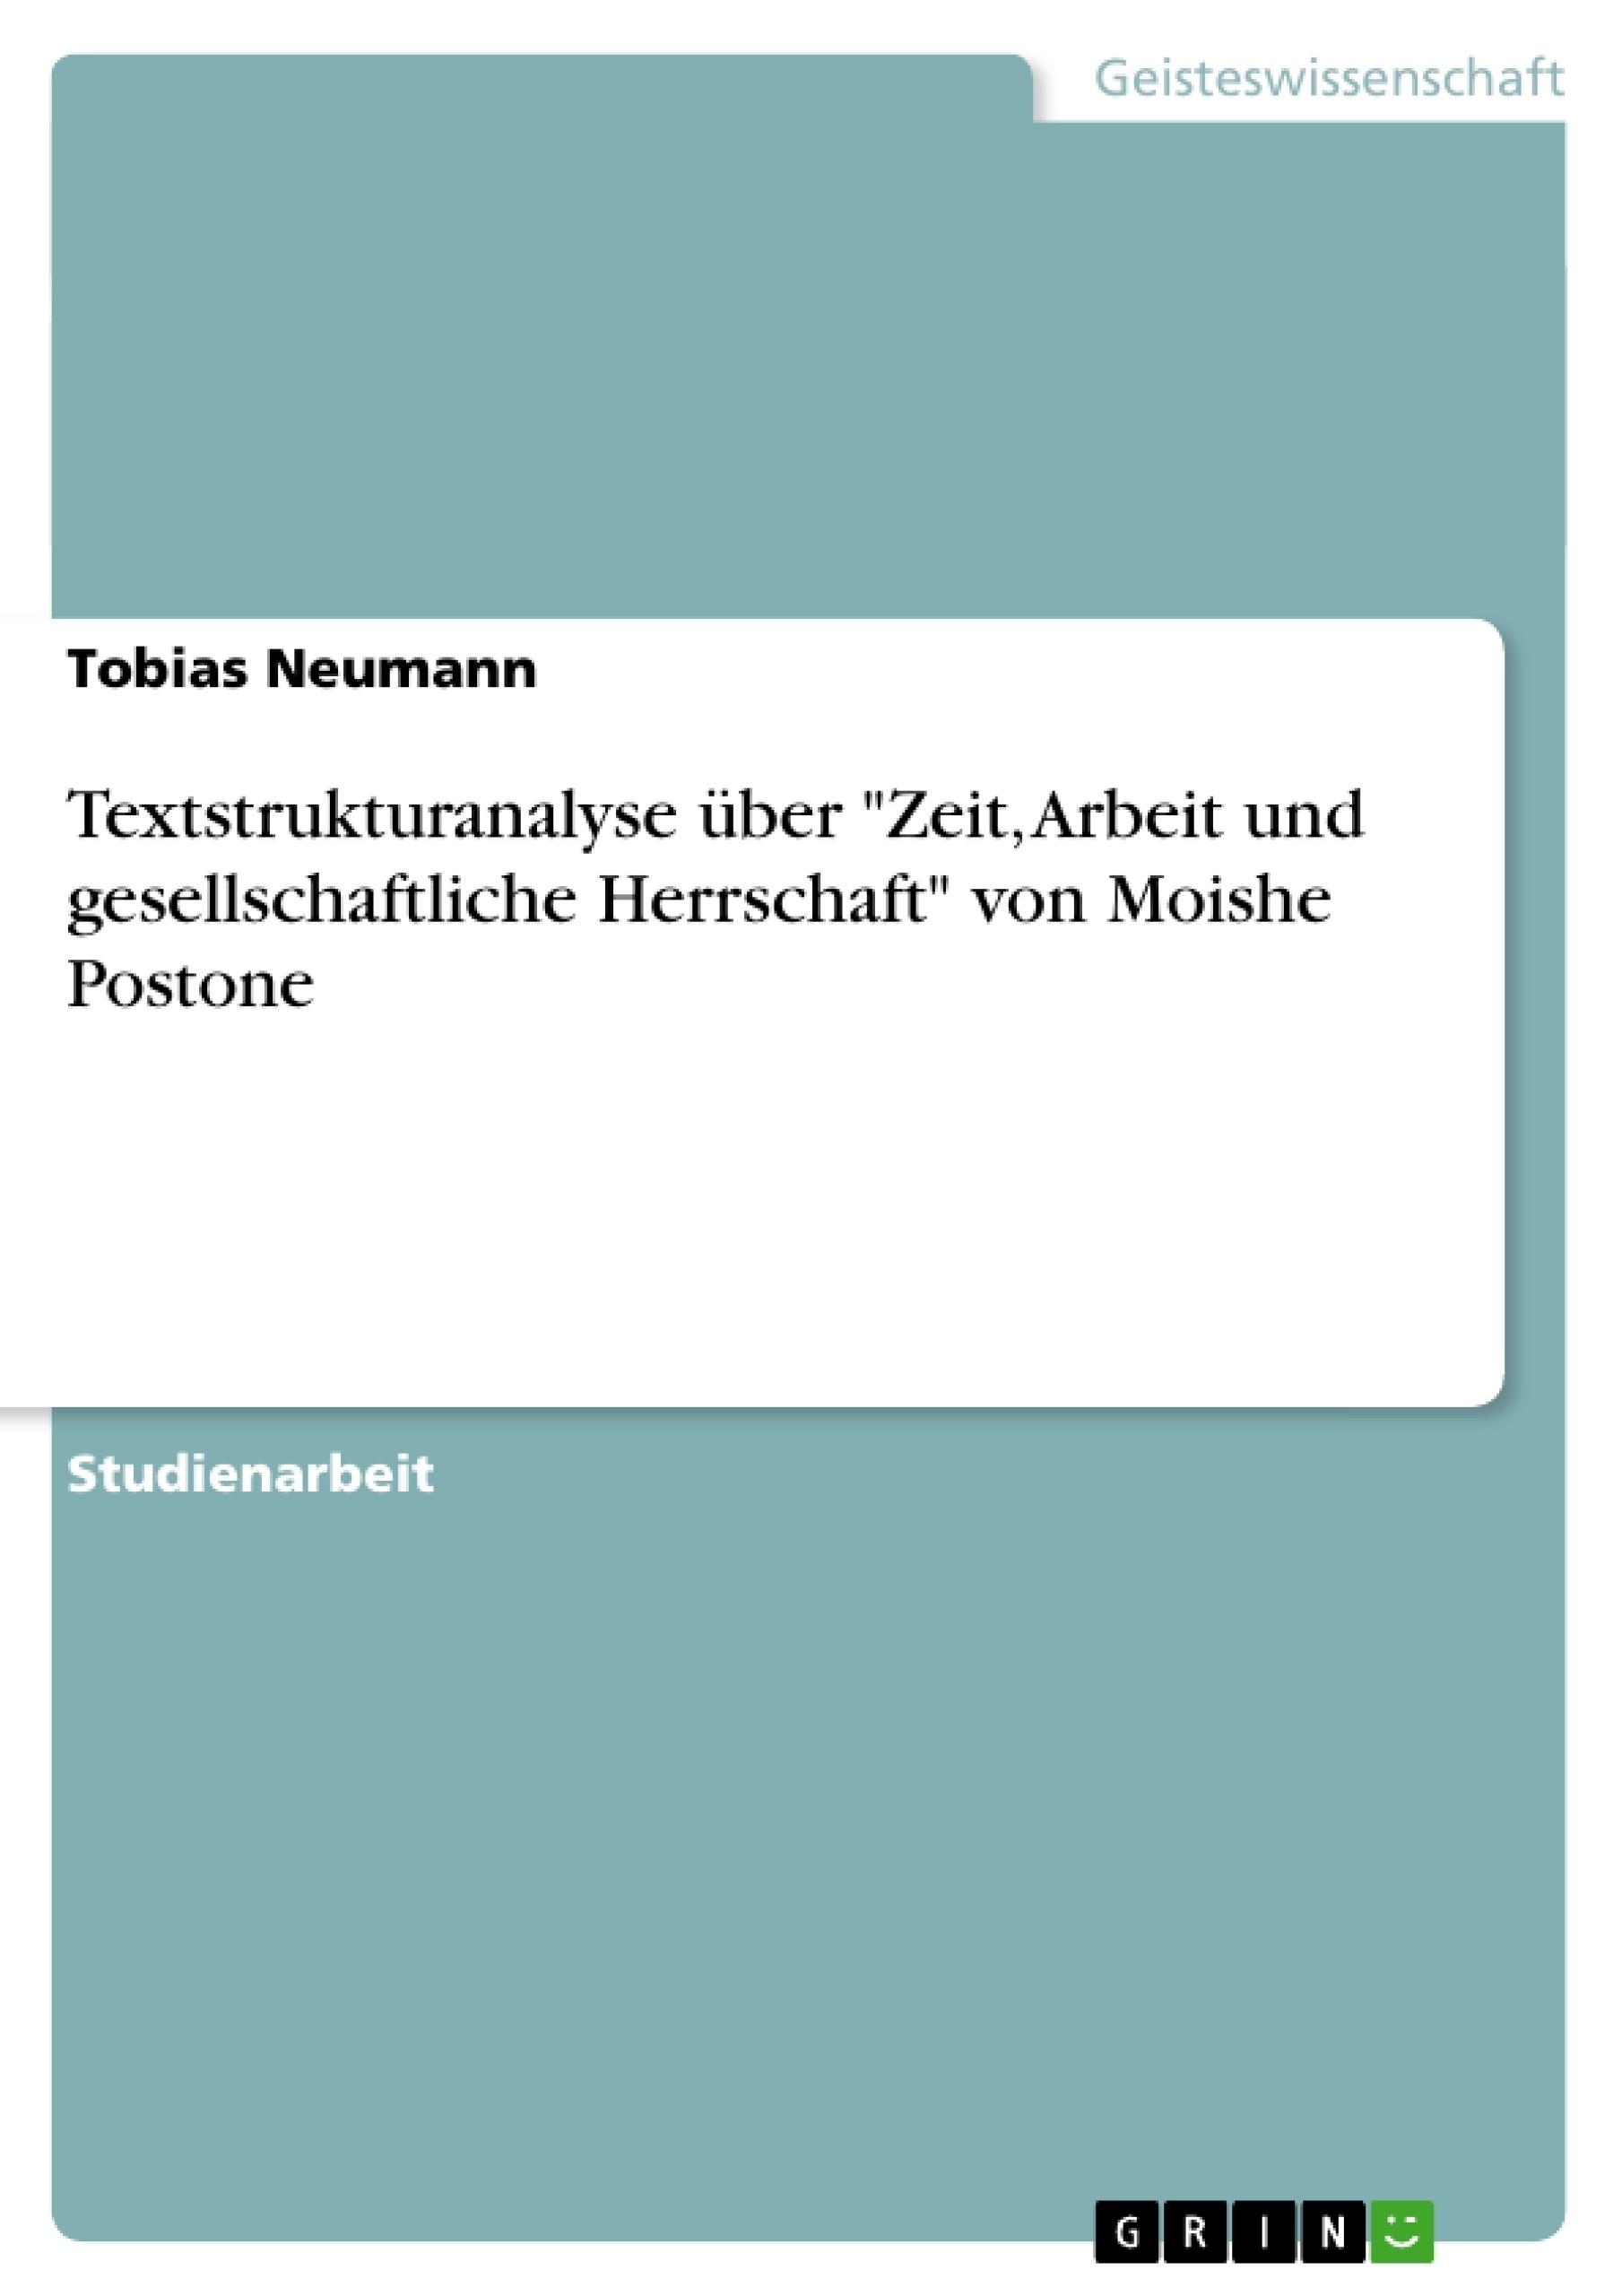 """Titel: Textstrukturanalyse über """"Zeit, Arbeit und gesellschaftliche Herrschaft"""" von Moishe Postone"""